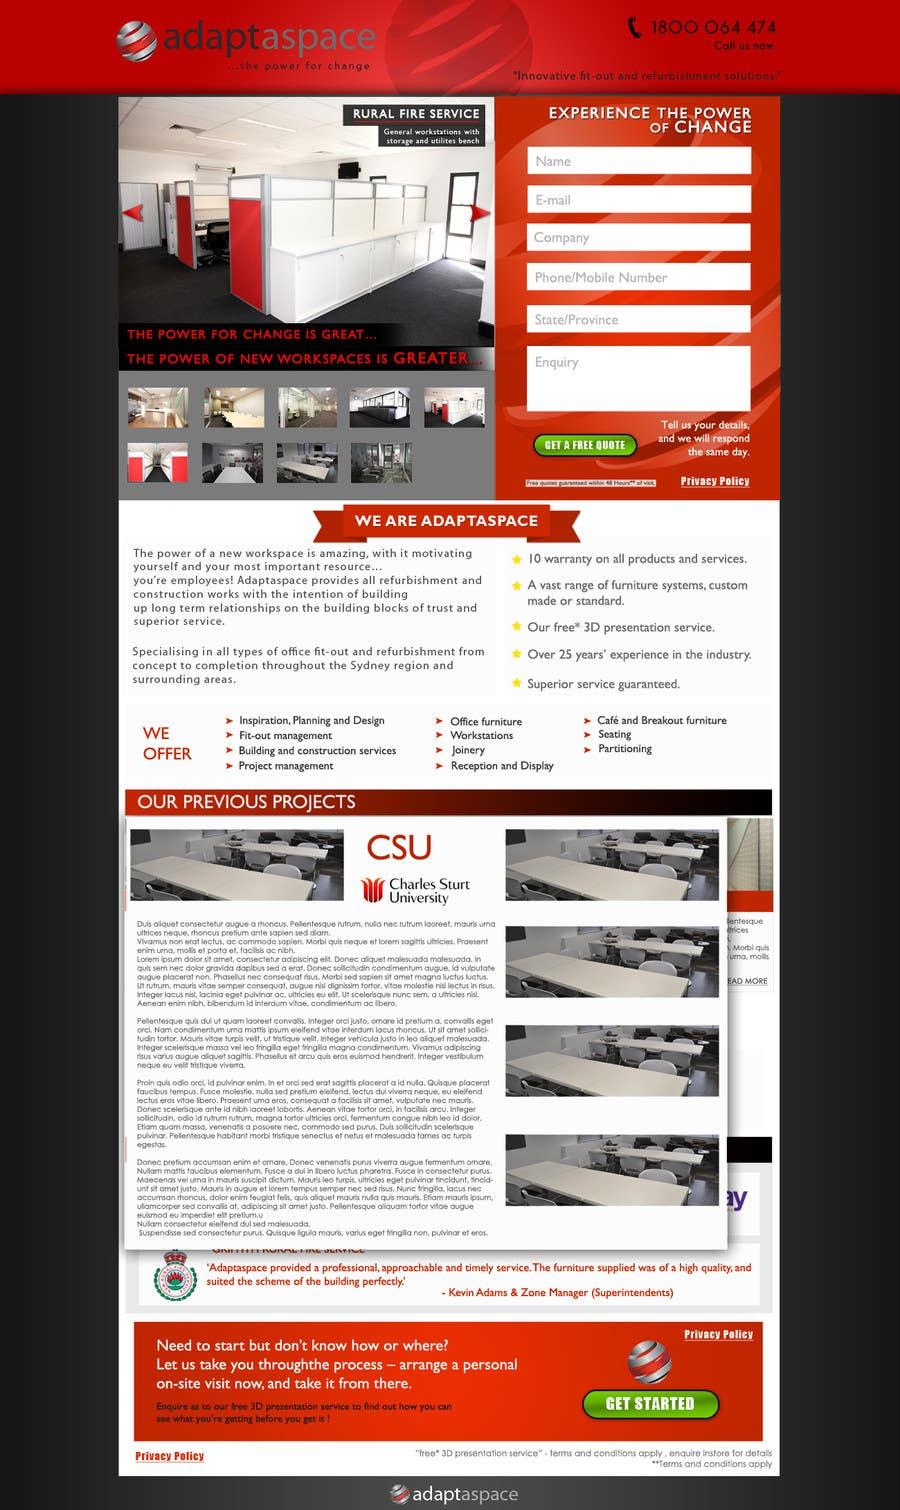 Konkurrenceindlæg #                                        18                                      for                                         Graphic Design for Landing Page